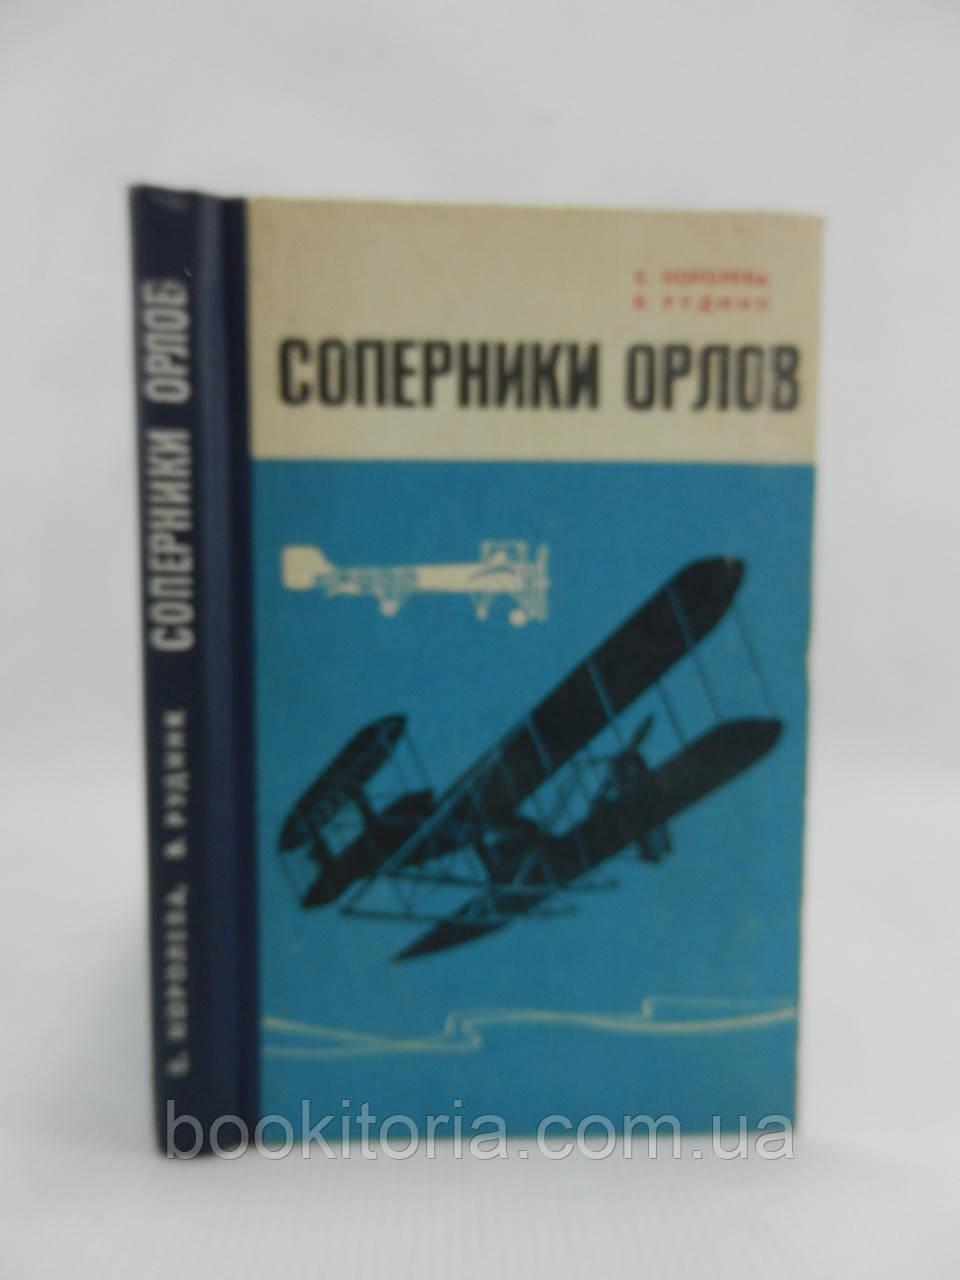 Королева Е., Рудник В. Соперники орлов (б/у).